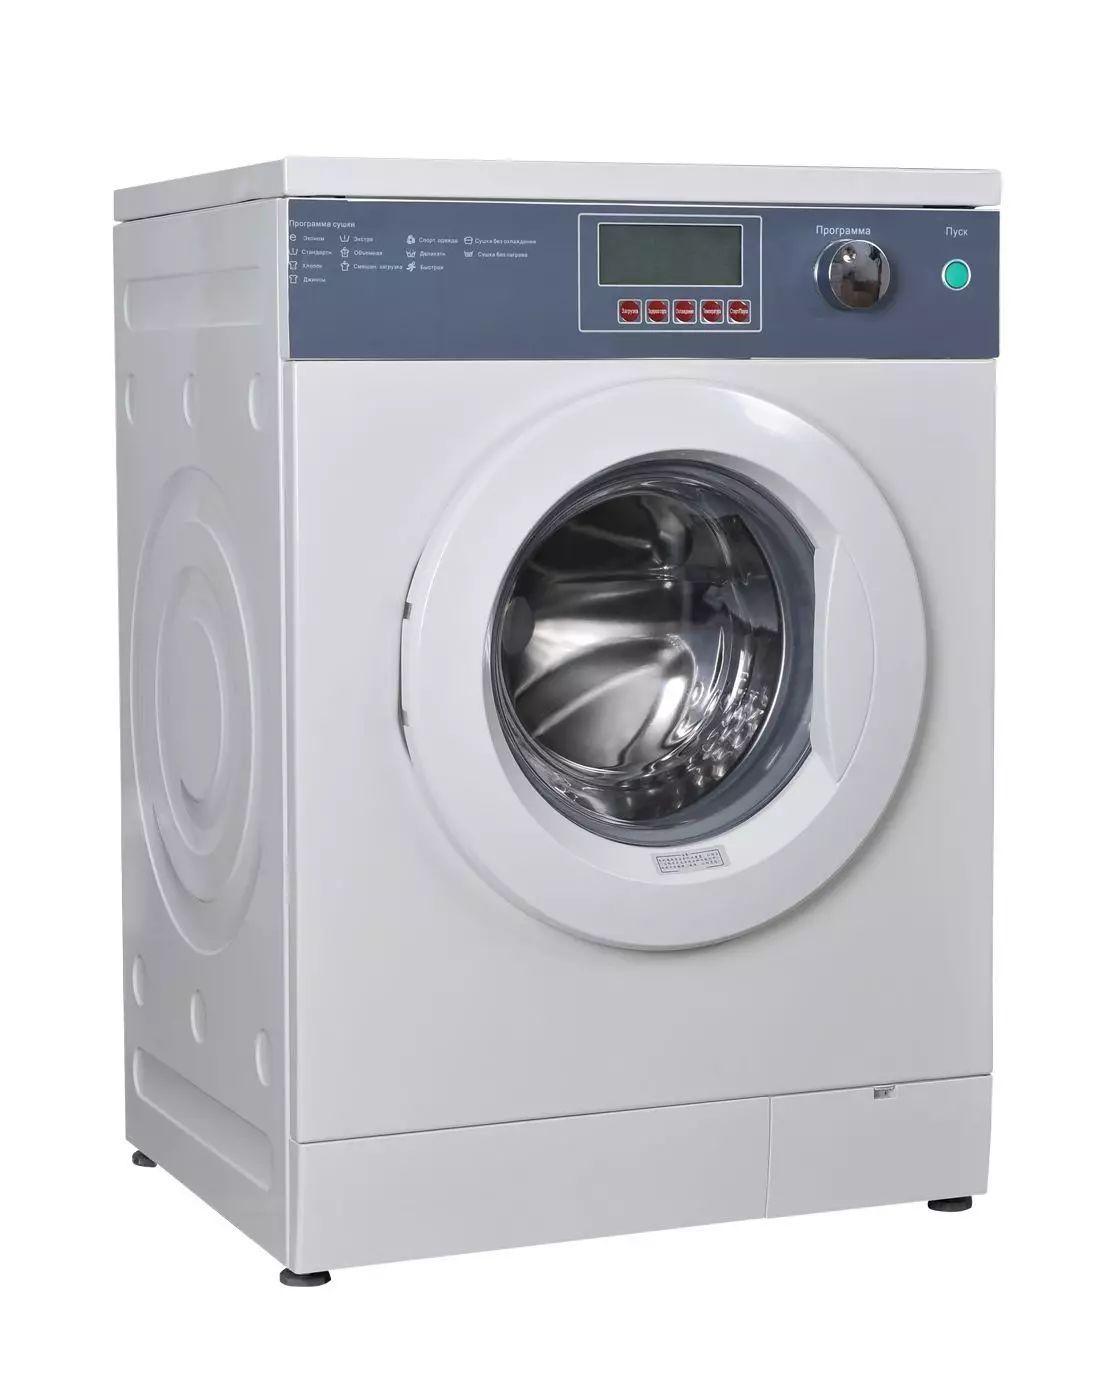 """新闻实验:""""白醋+小苏打""""清洗洗衣机有用吗?_手机浙江网"""